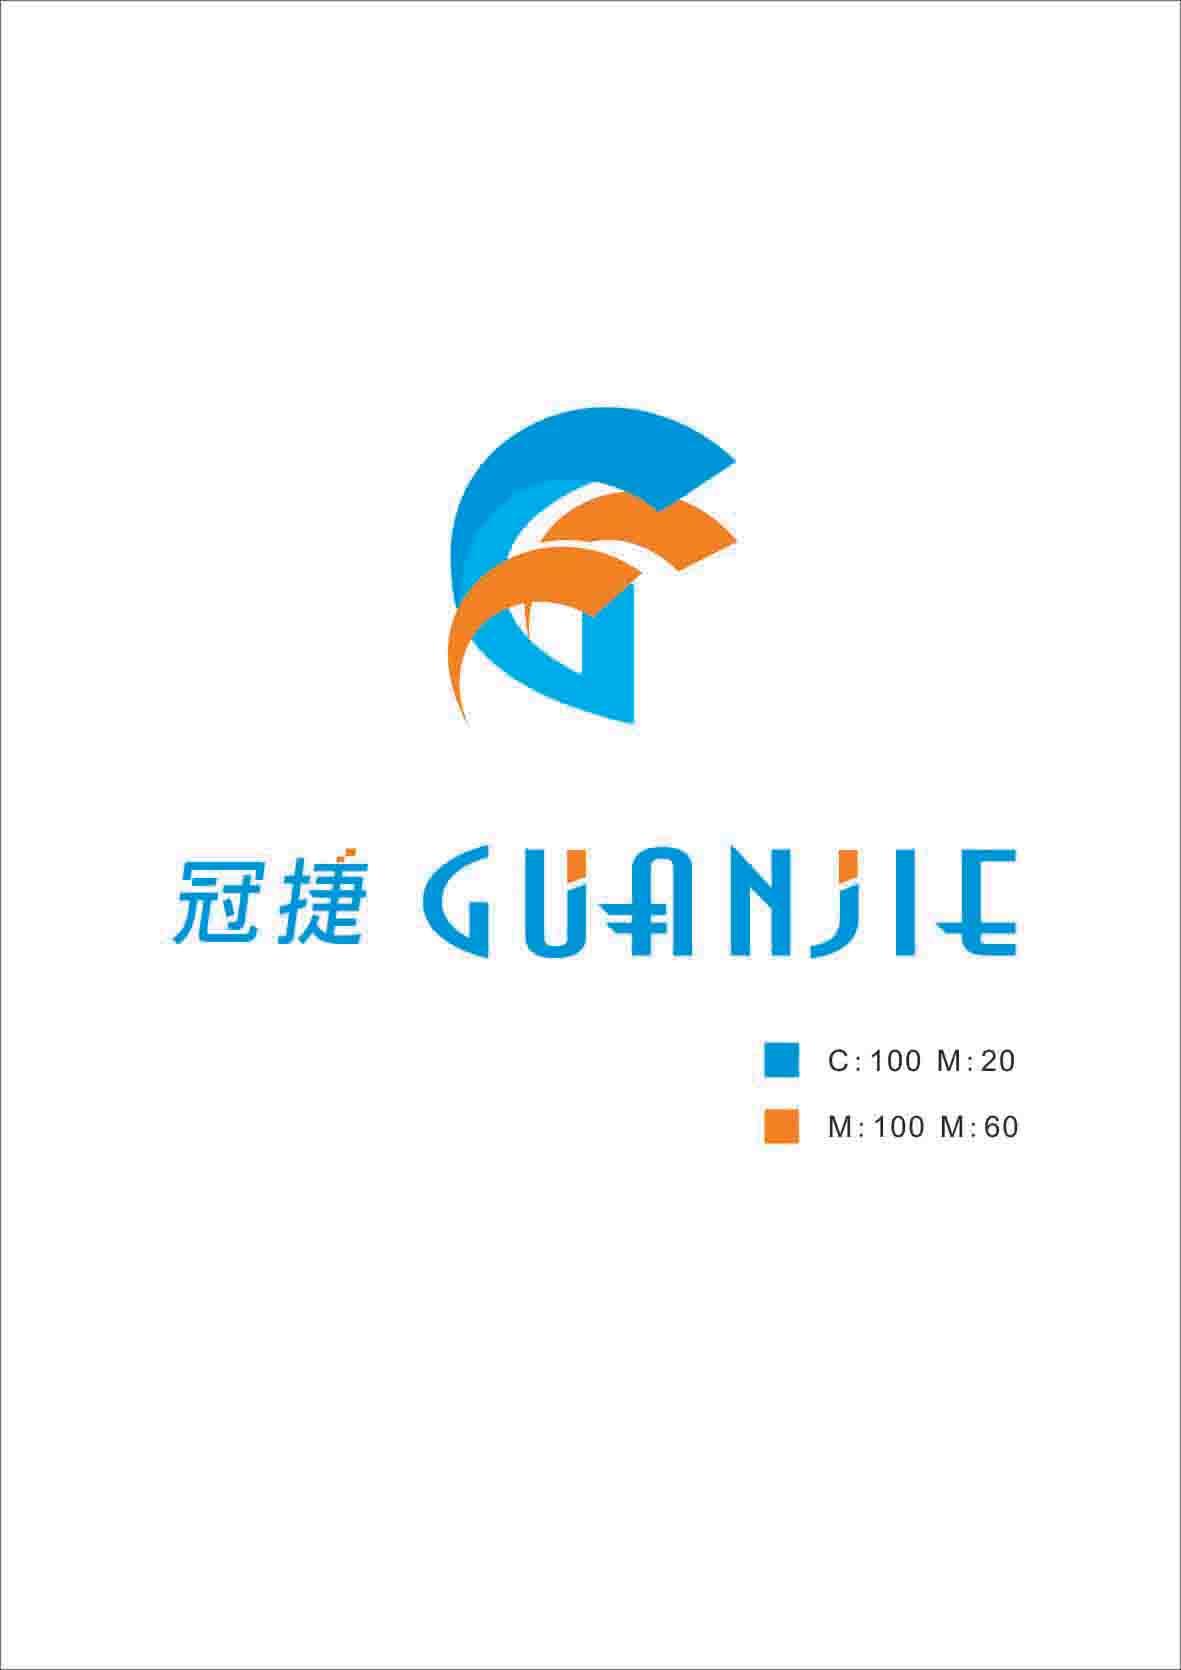 冠捷汽车装饰logo设计 紧急 500元 1575号任务 威客K68网,威客平高清图片